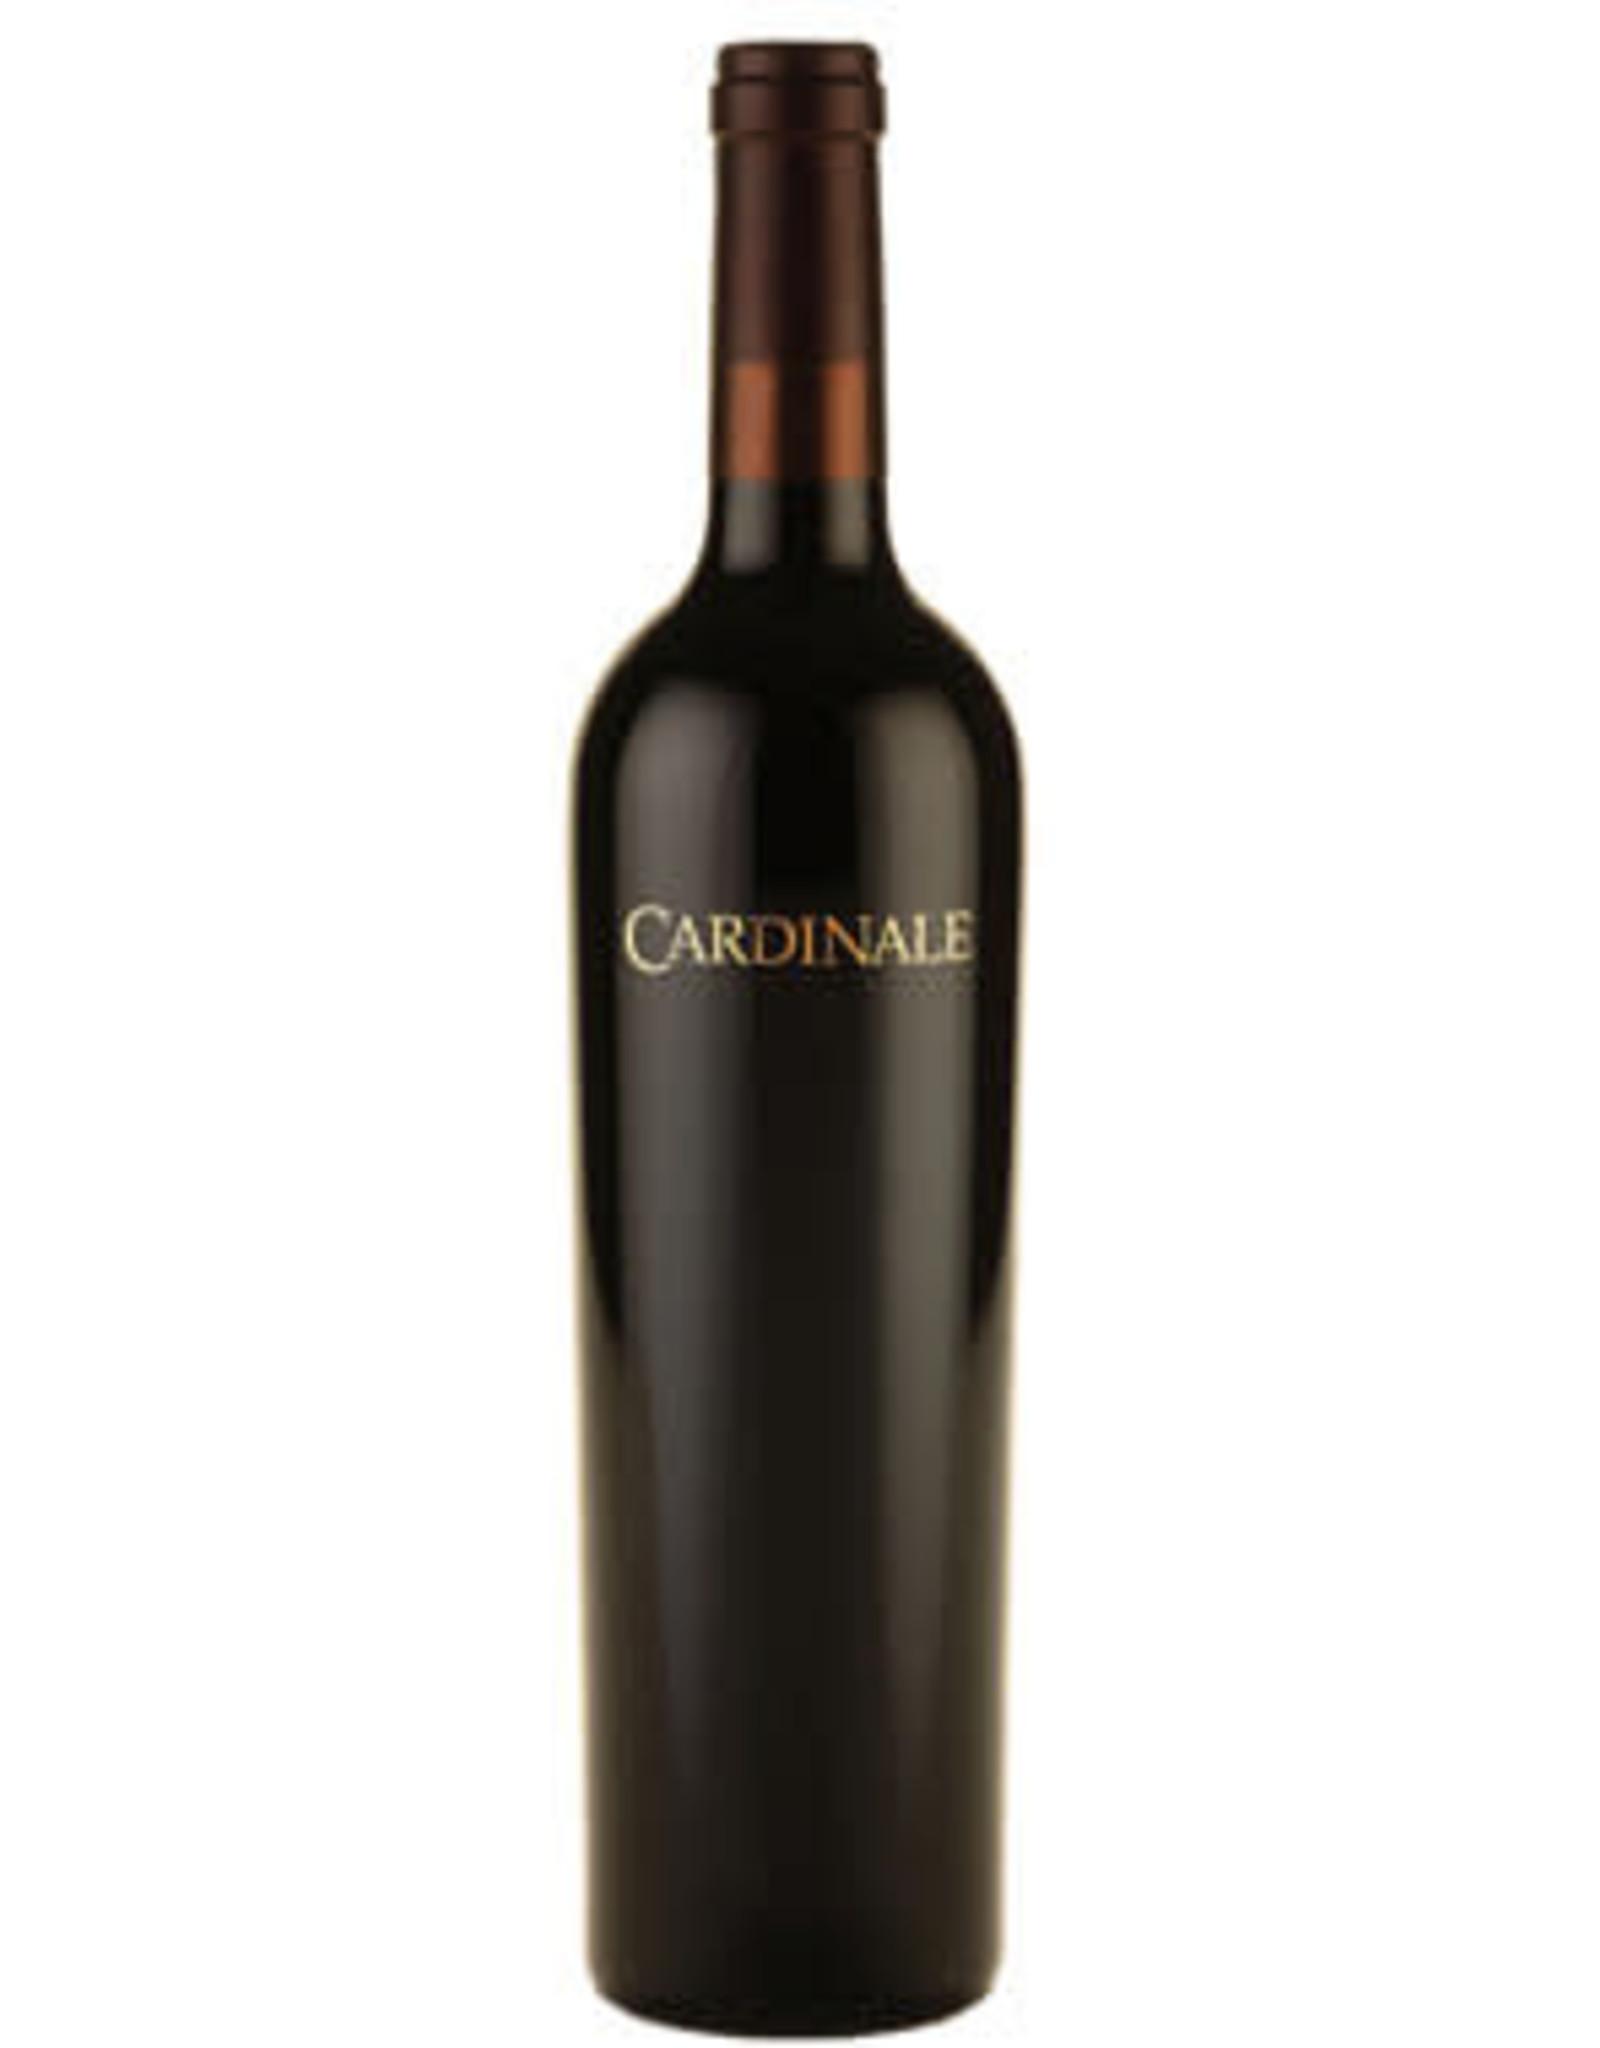 CARDINALE CABERNET SAUVIGNON 2010